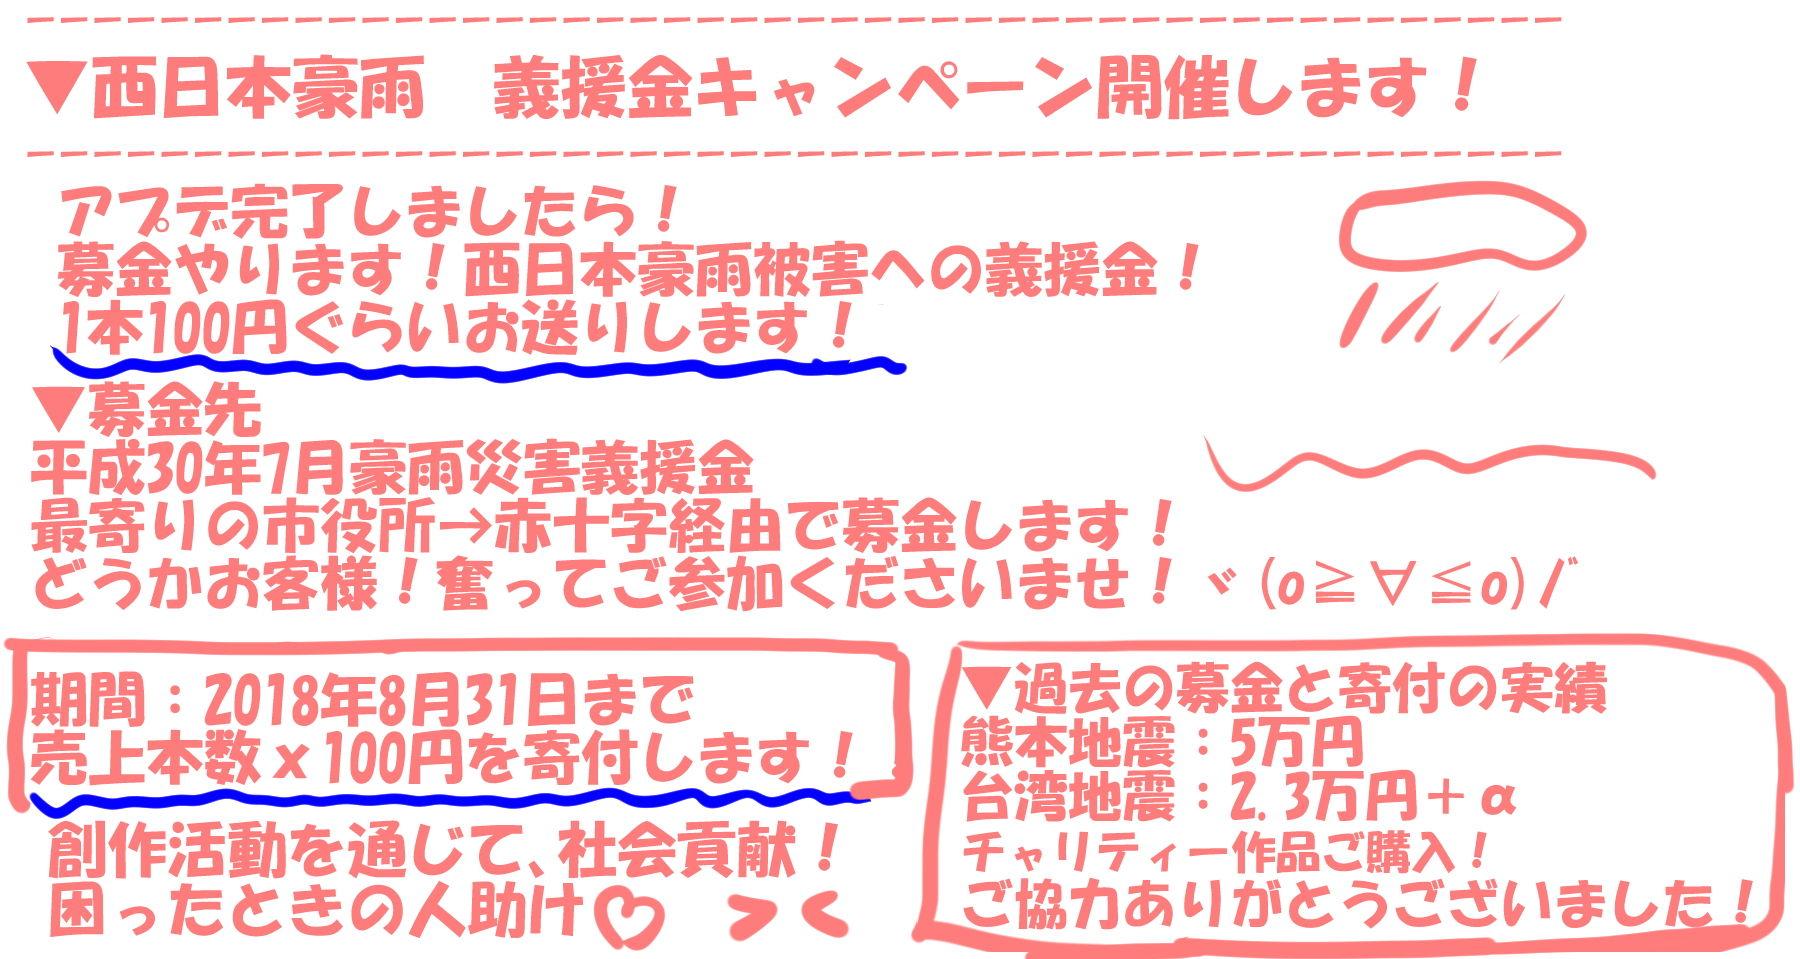 【風俗・18禁バイノーラル】JKきつねのこがねちゃん(初エッチの無知シチュセックス)【舐め屋+ハメ屋さん・豪華2本立て】